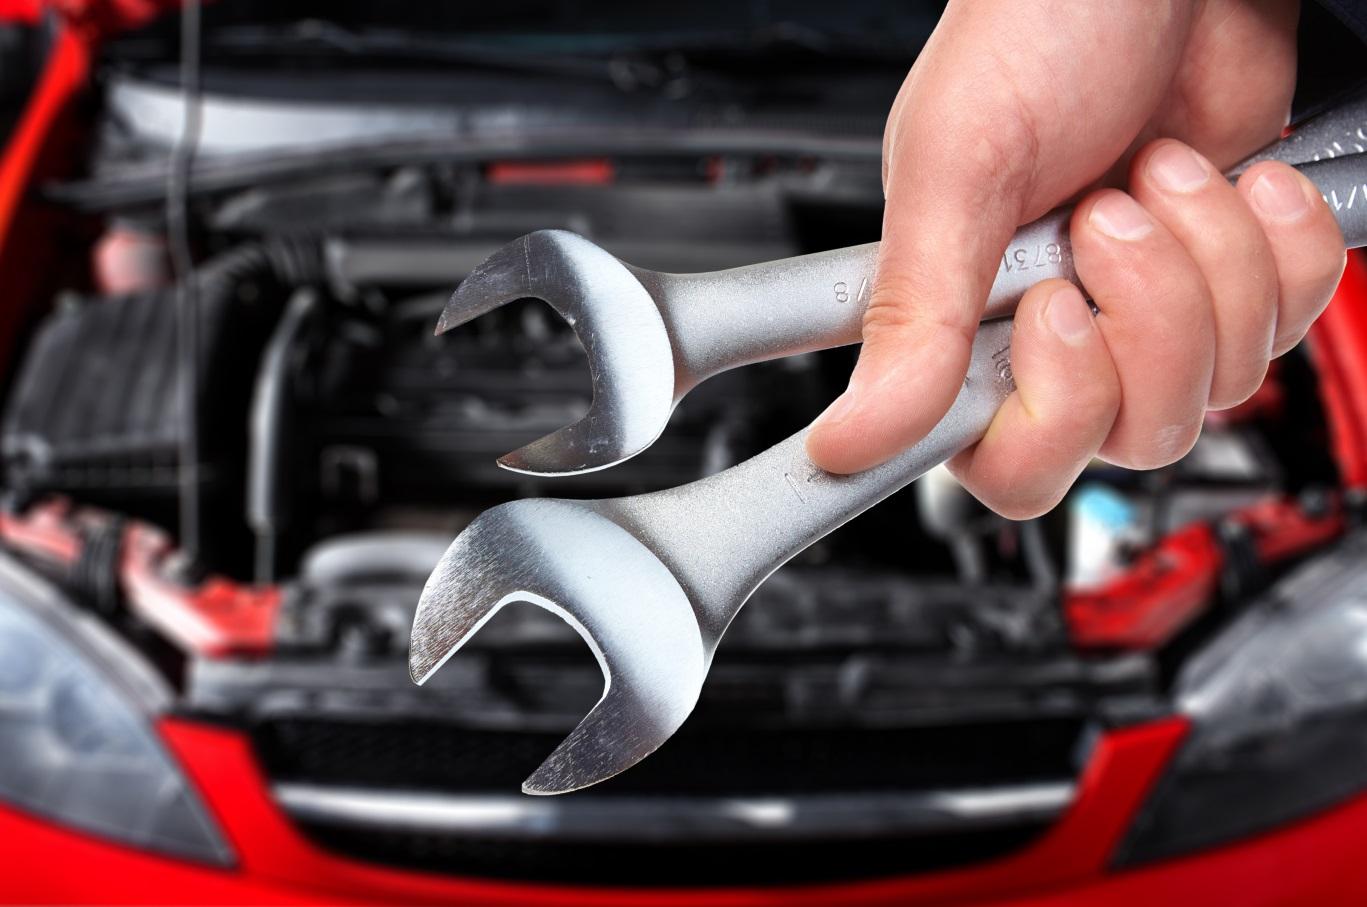 Владельцы СТО выступили против запрета ремонтировать автомобили подержанными запчастями